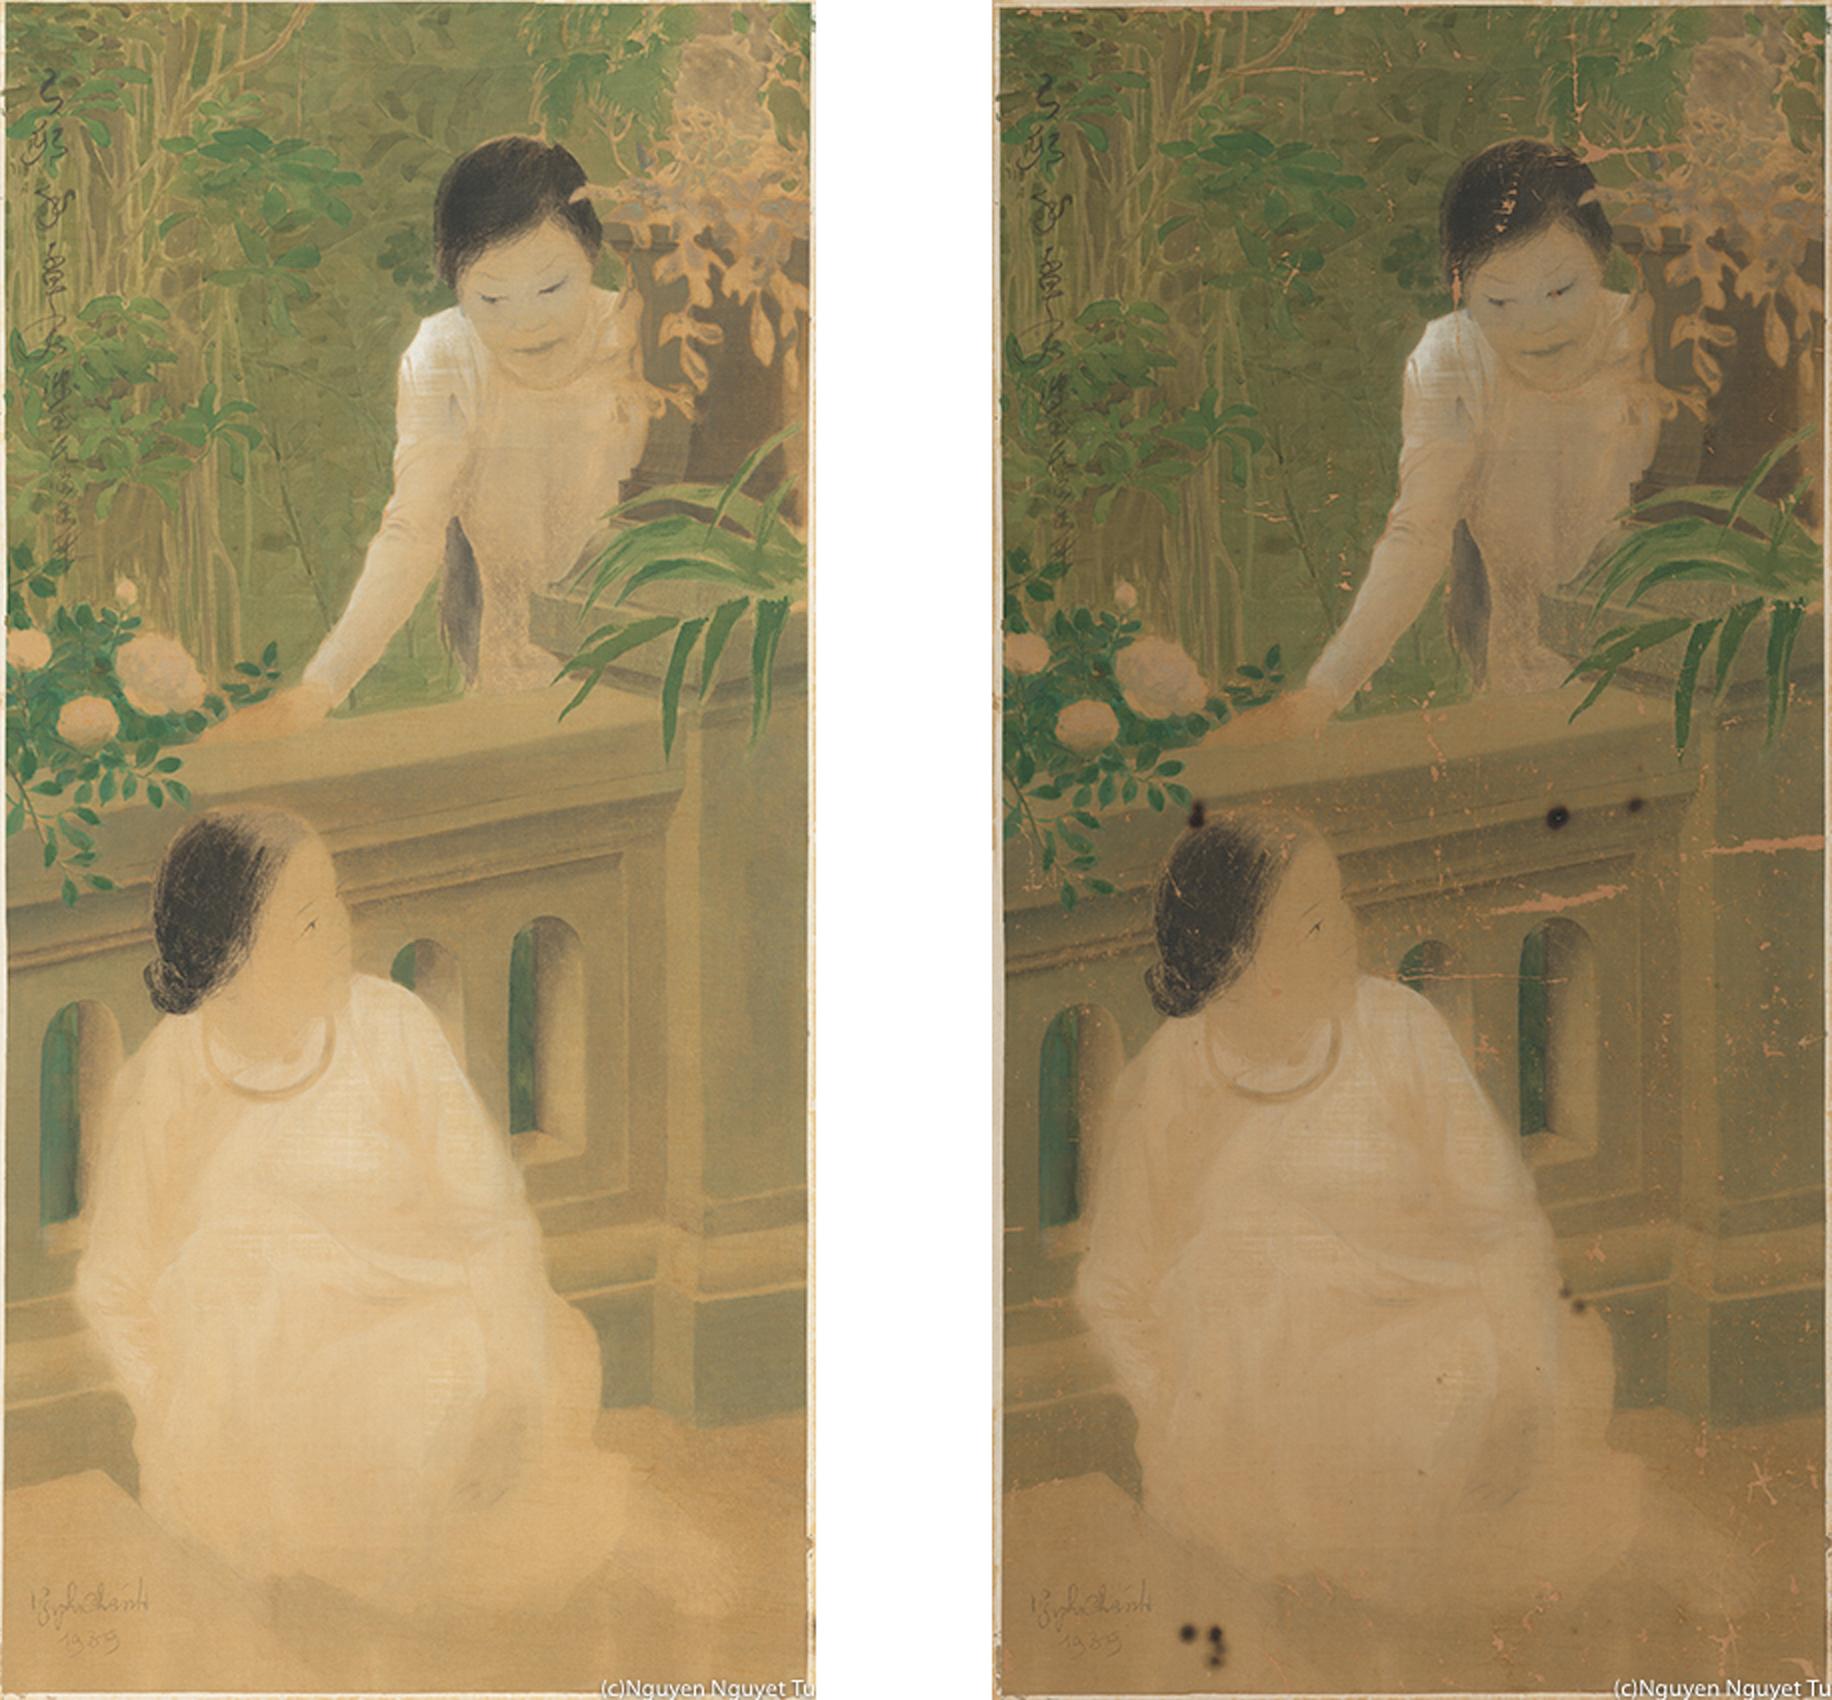 グエン・ファン・チャン《かくれんぼ》(1939年、グエン家蔵) 左)修復後 右)修復前